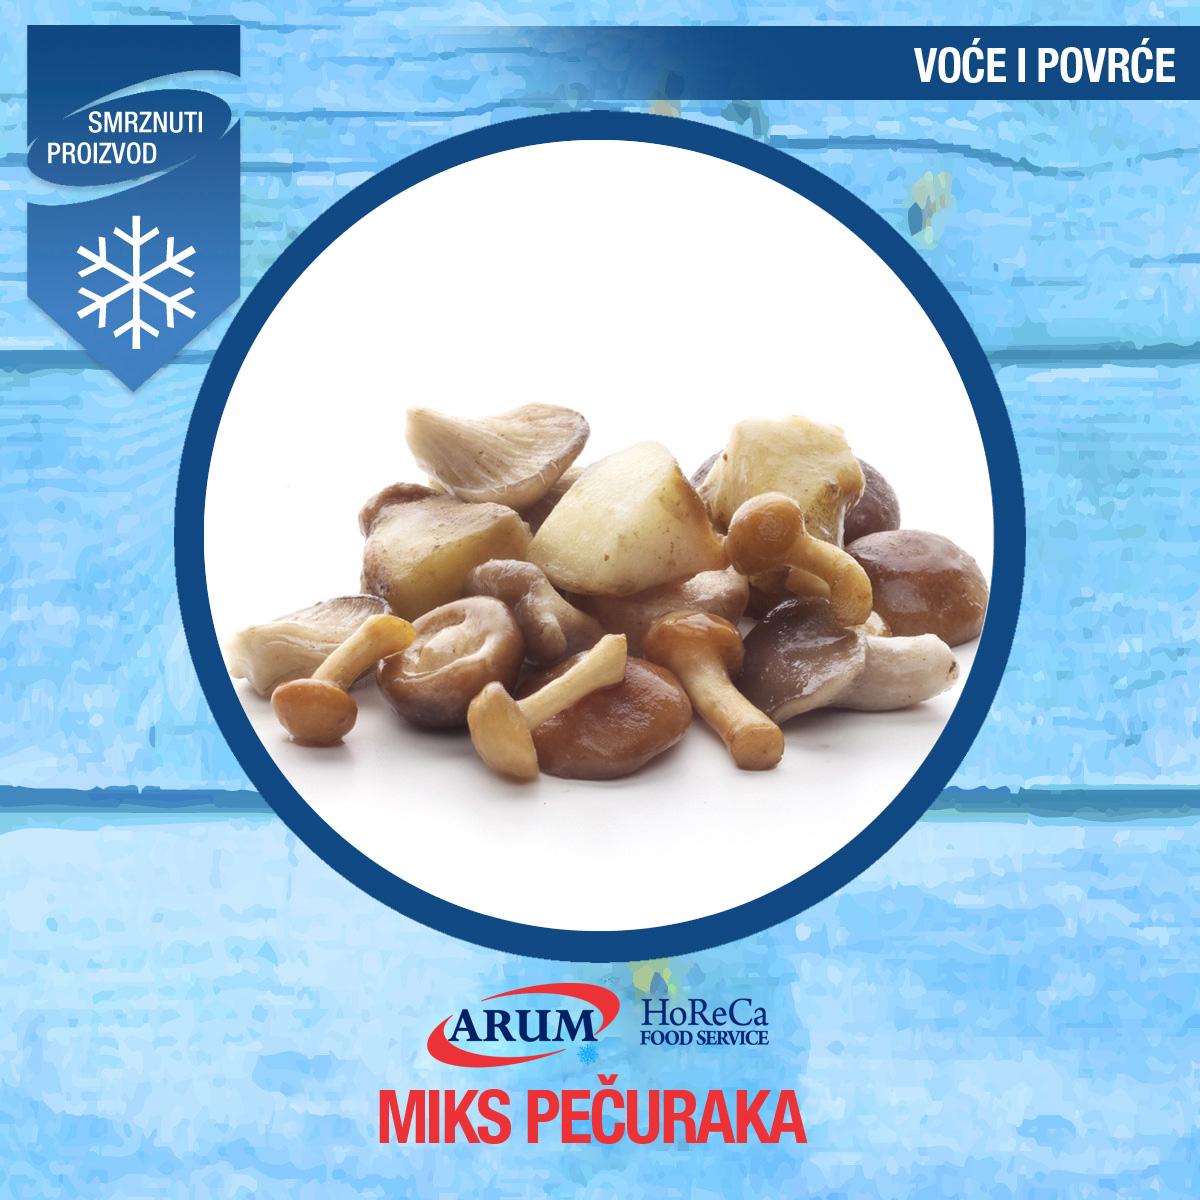 Dz smrznuti mix pecuraka (fine mushroom mix) 1kg